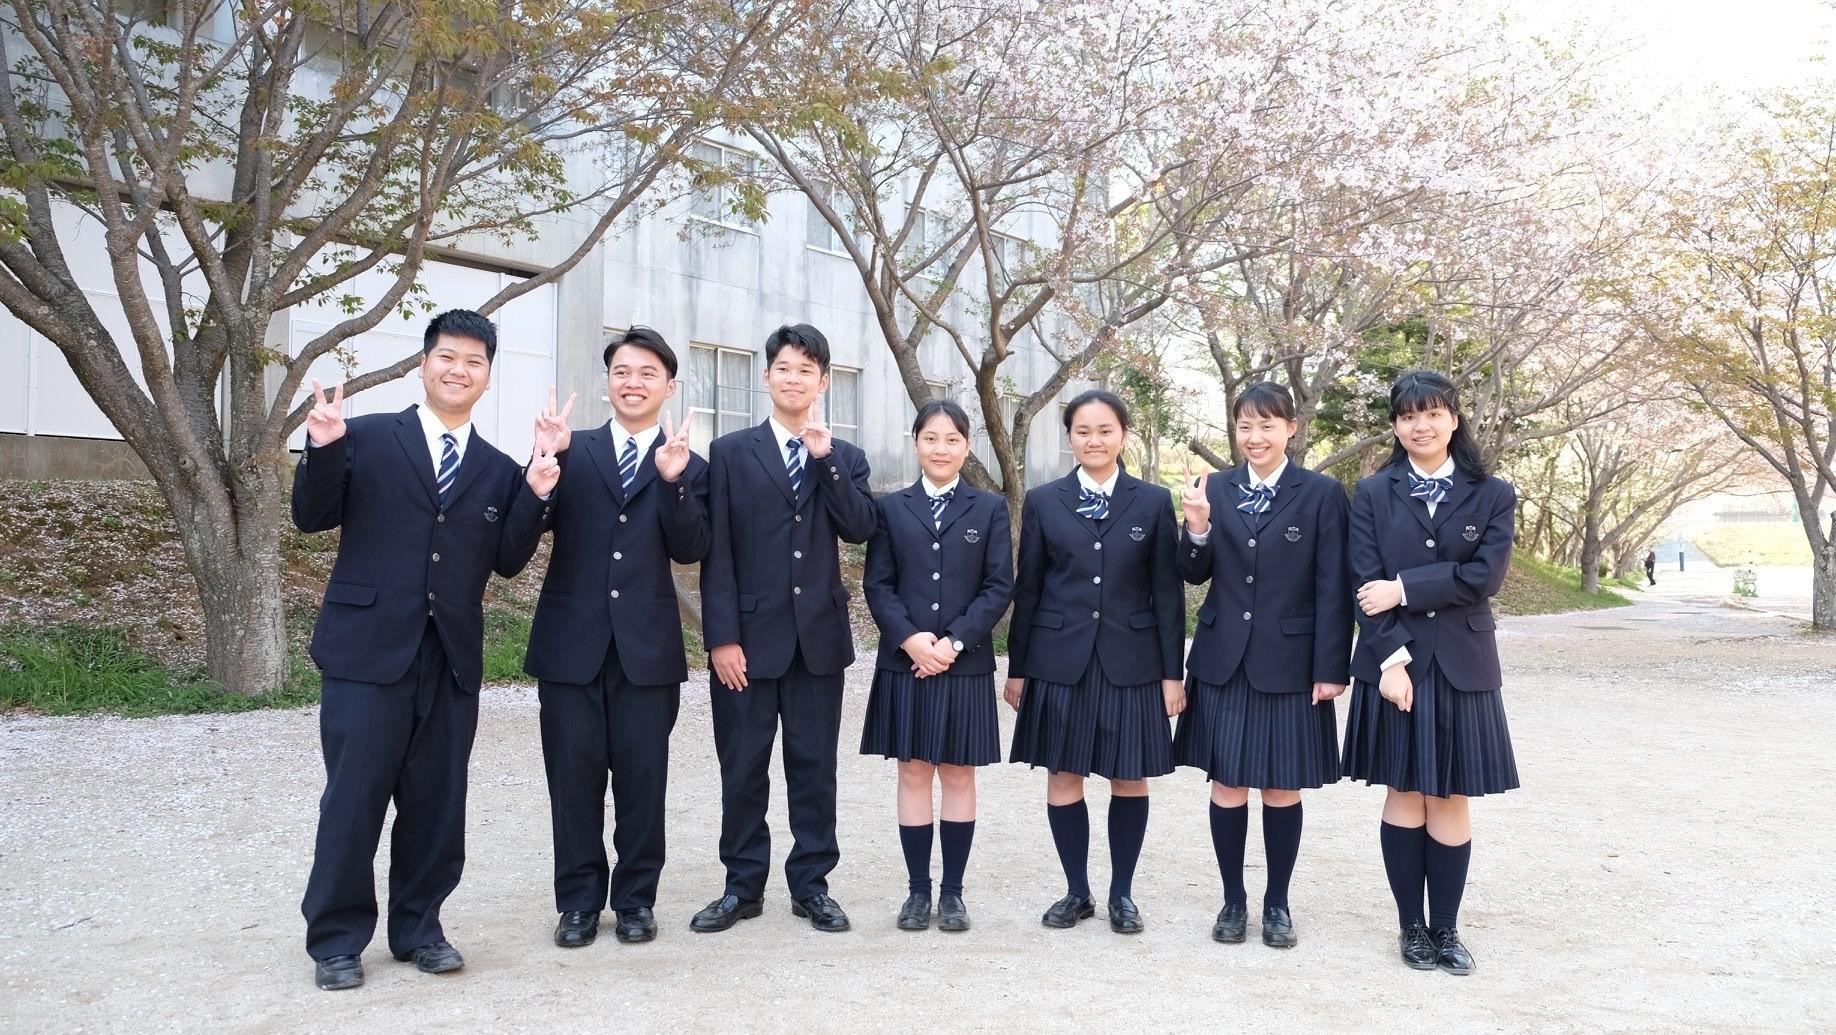 Đồng phục nữ sinh - nam sinh Nhật Bản không chỉ đẹp mà còn rất đa dạng kiểu dáng